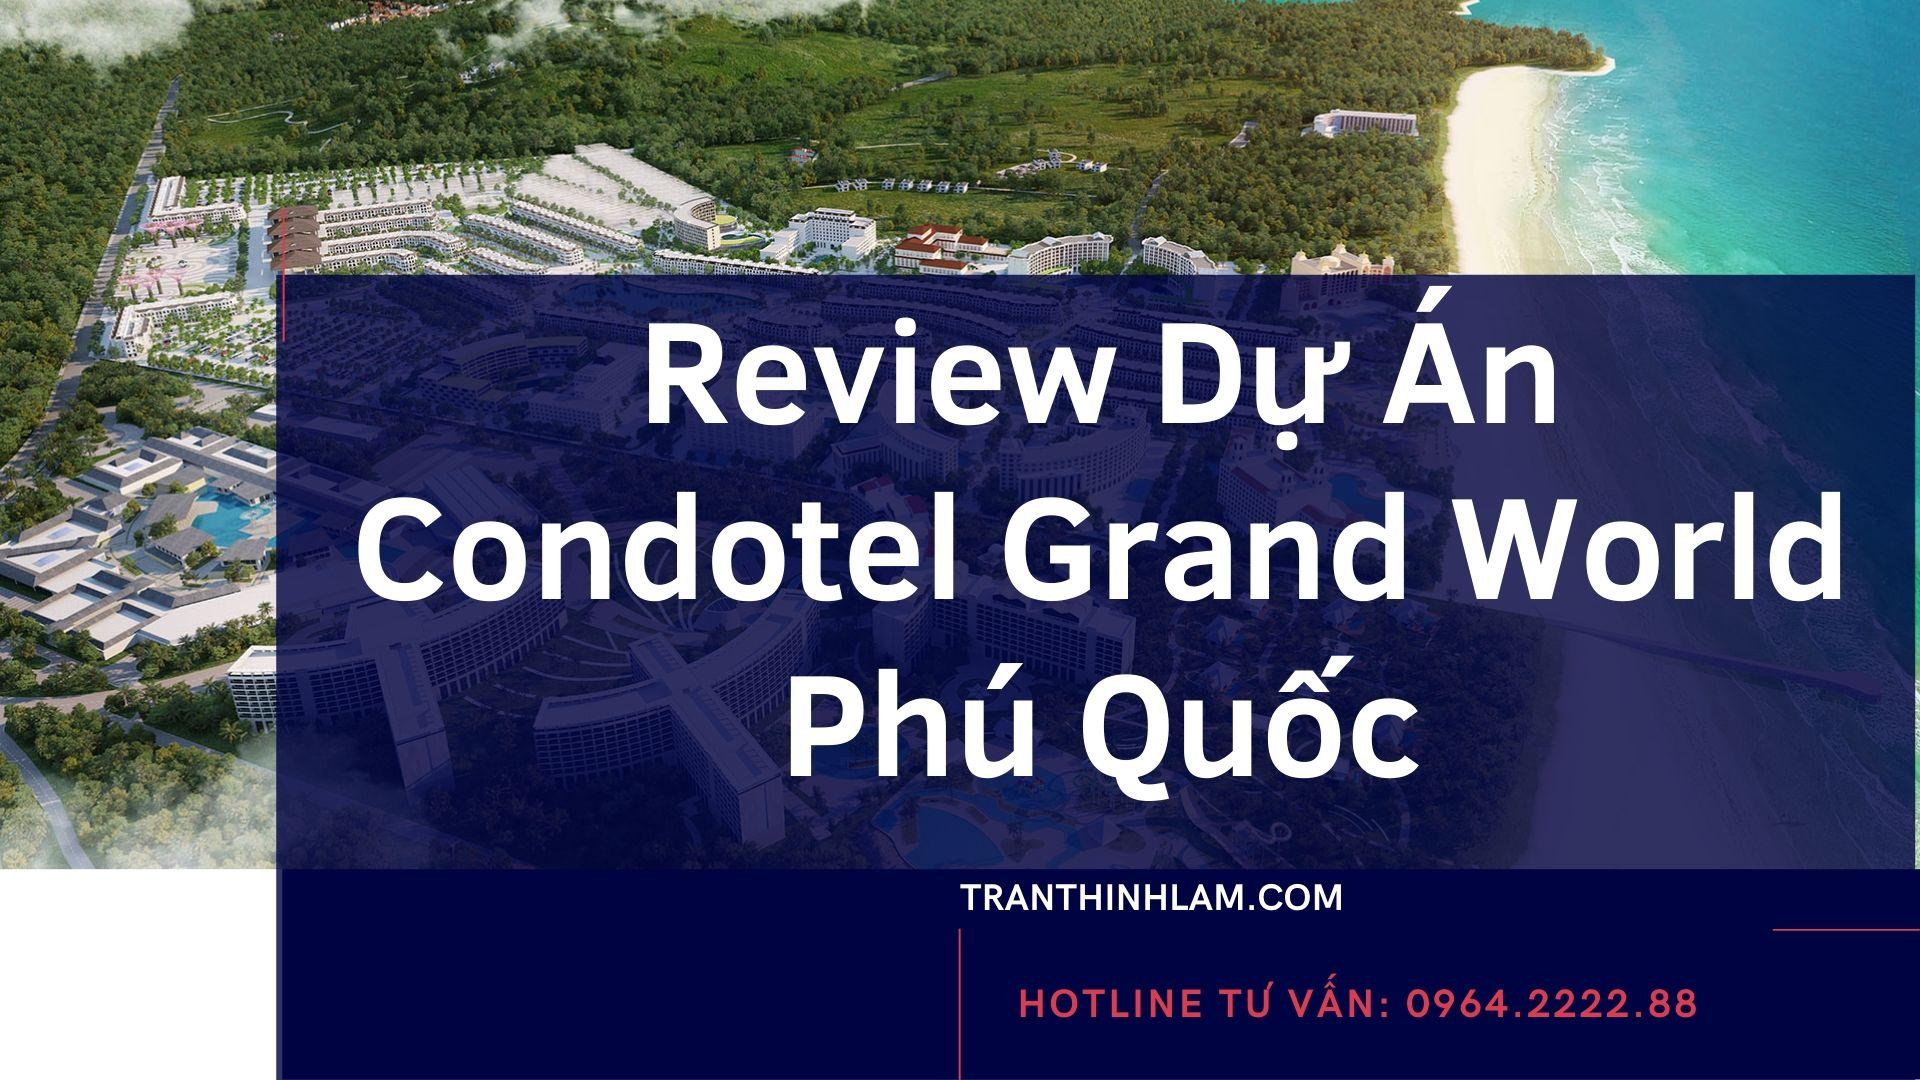 Review Dự Án Condotel Grand World Phú Quốc